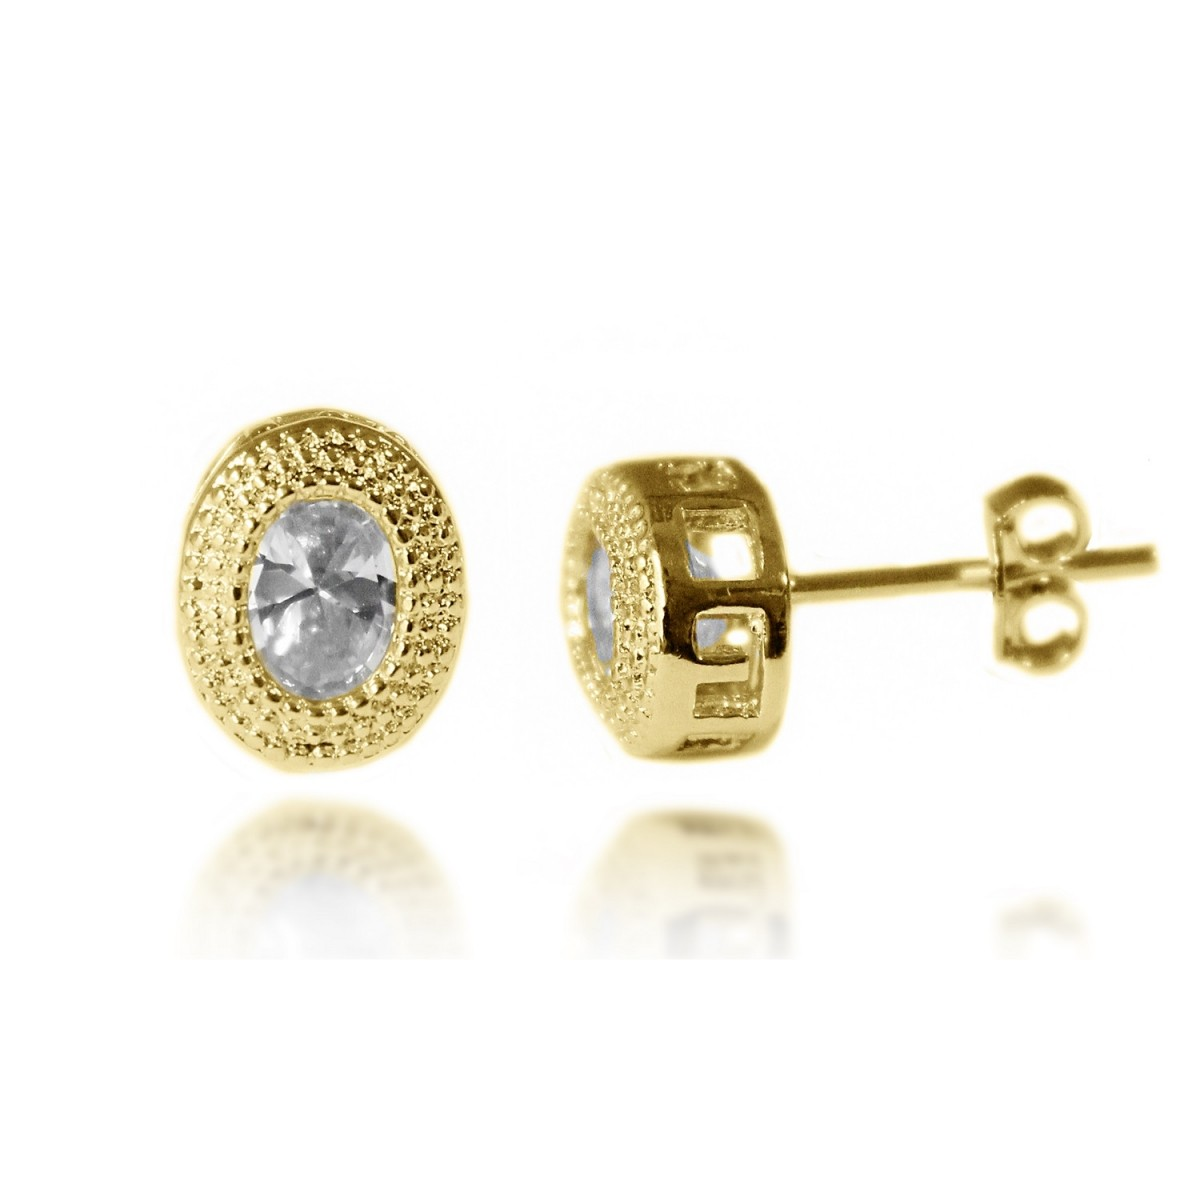 57ca3fe5be0c7 Brinco Ponto de Luz Oval Diamantado com Zircônia Folheado a Ouro 18k